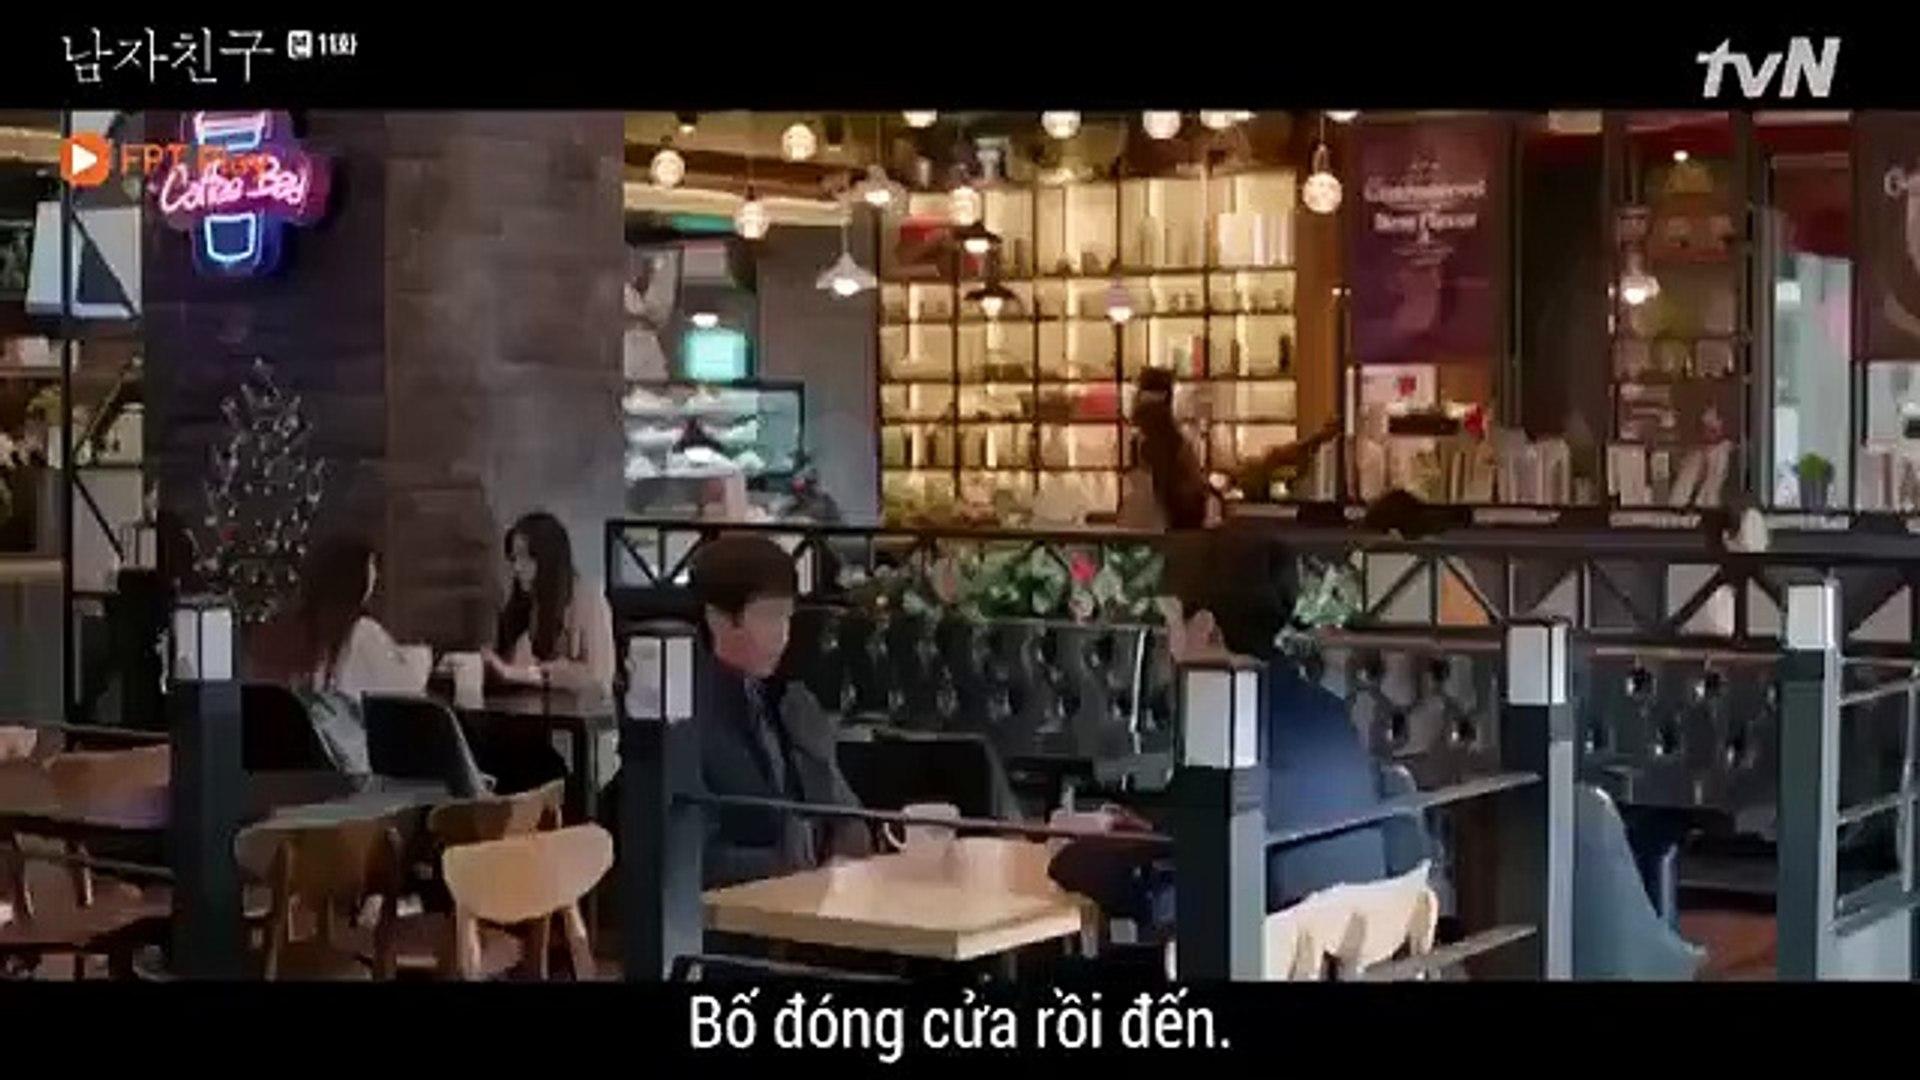 Bạn Trai Tập 17 - HTV2 Lồng Tiếng- Phim Hàn Quốc - Phim Ban Trai Tap 18 - Phim Ban Trai Tap 17